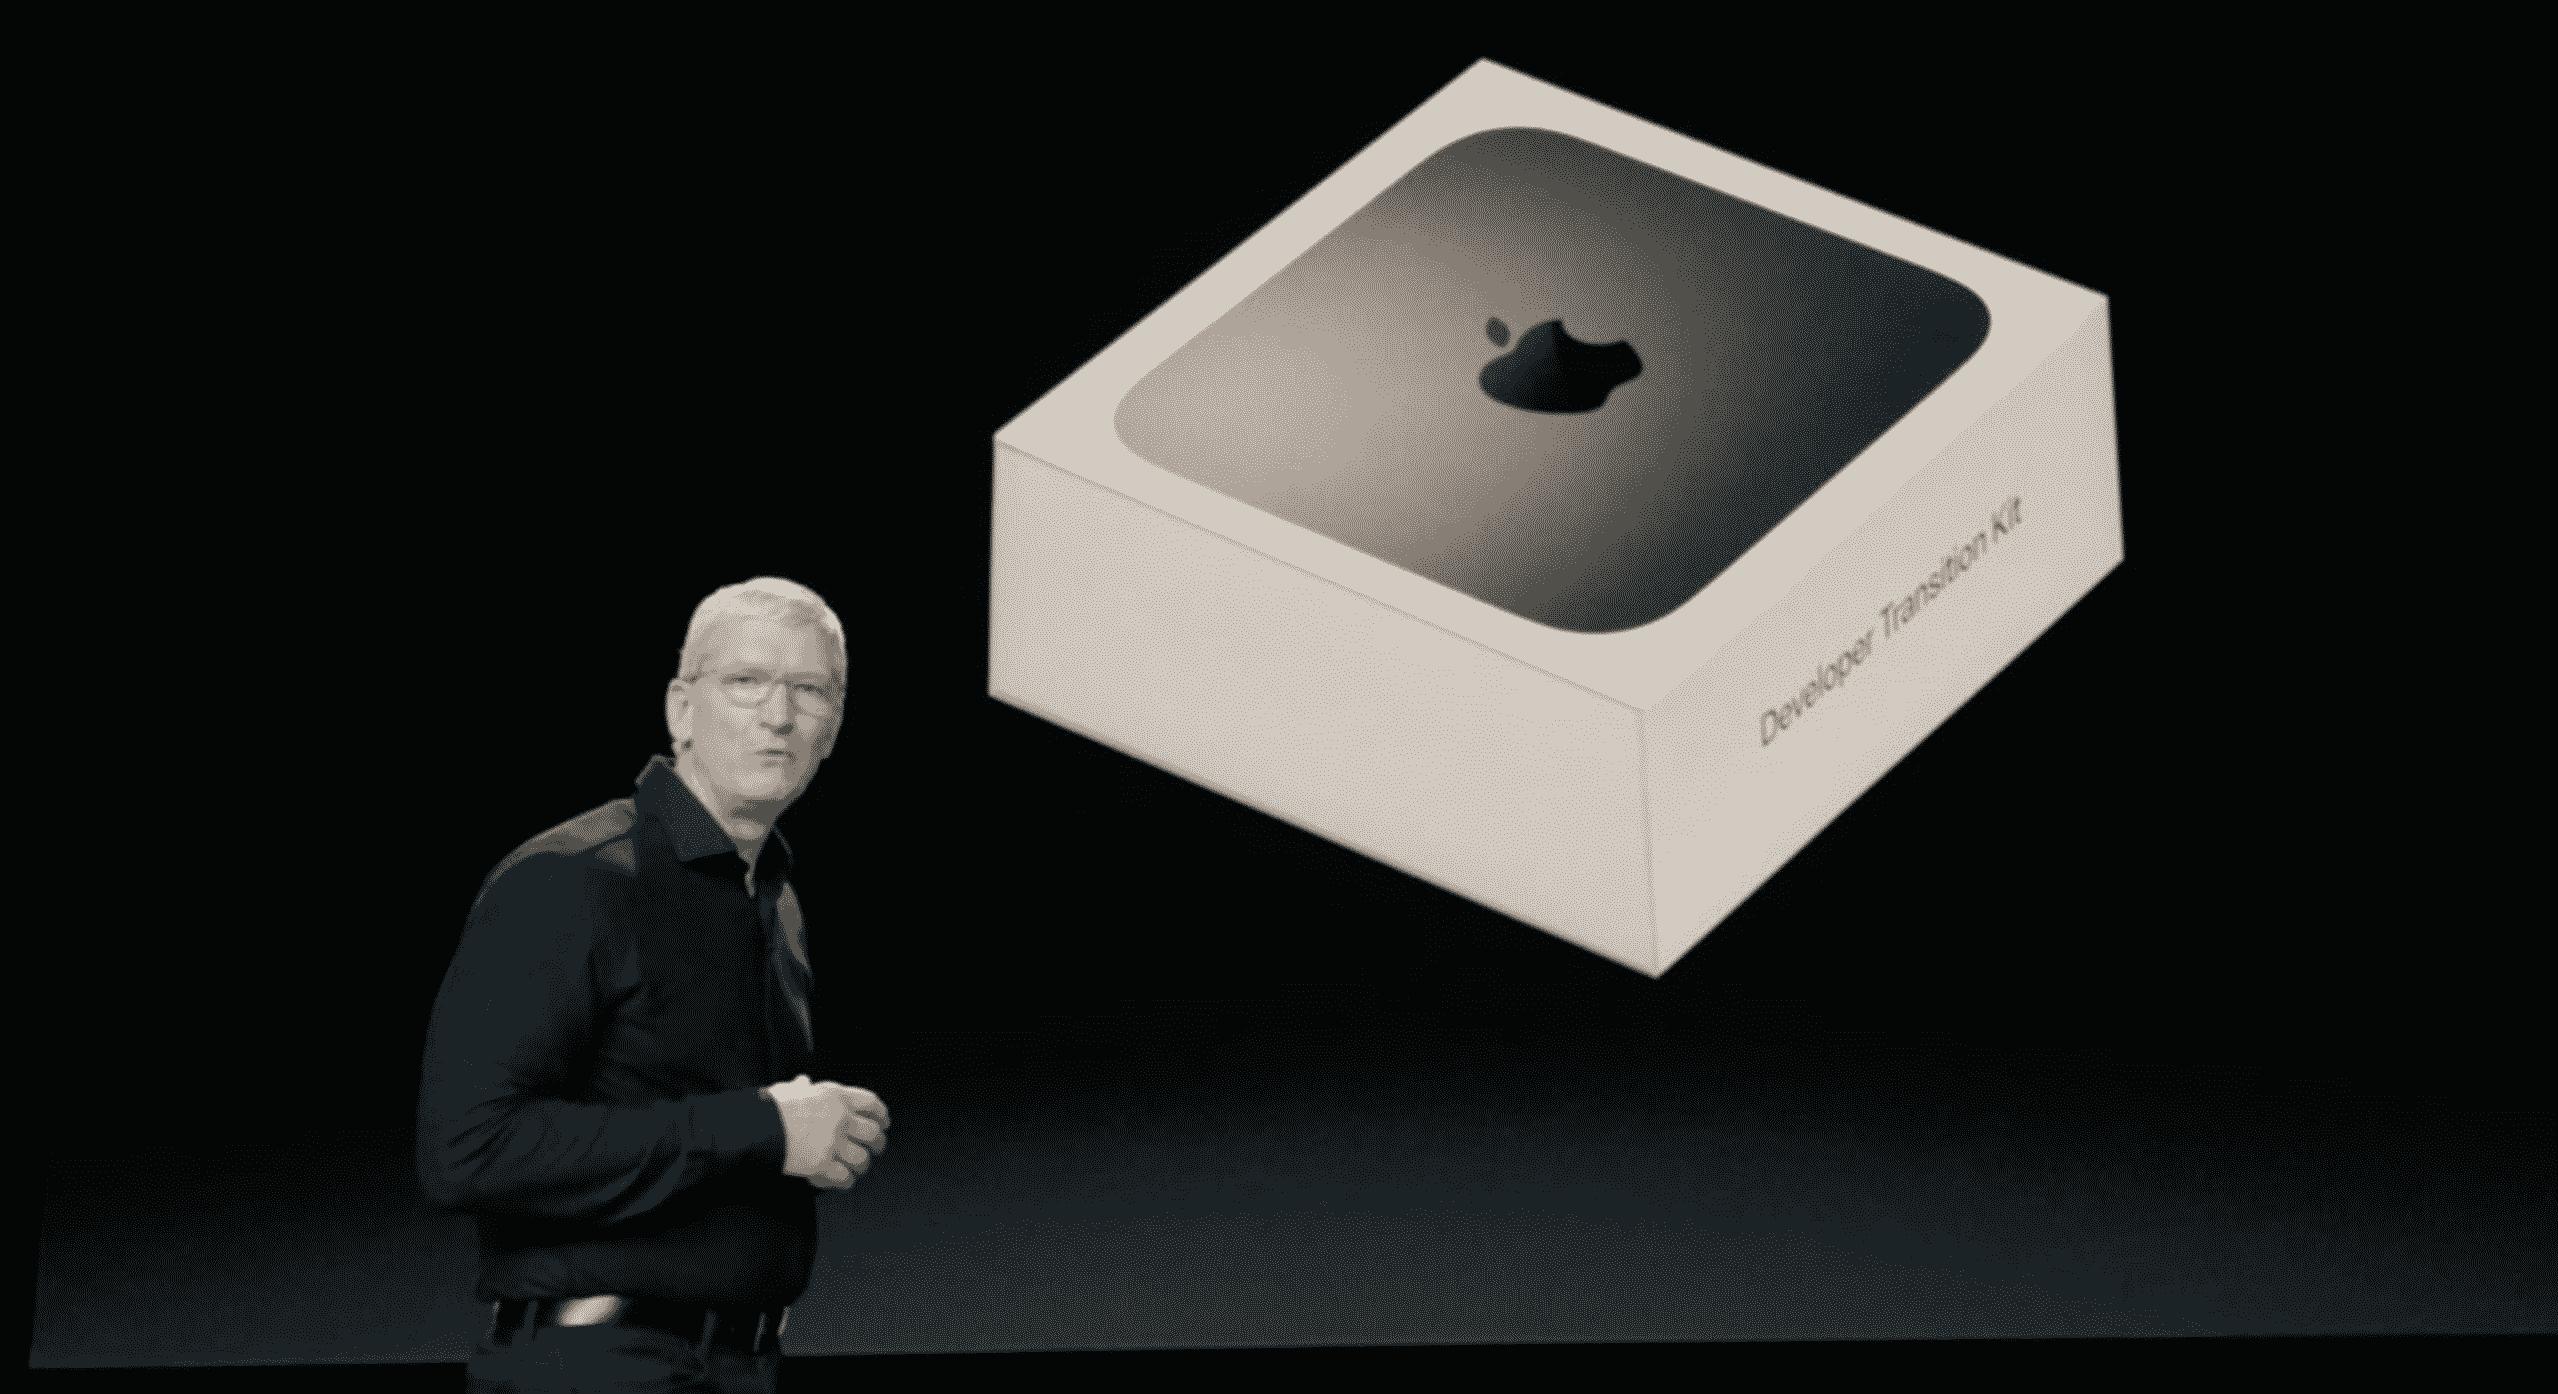 New Silicon Mac